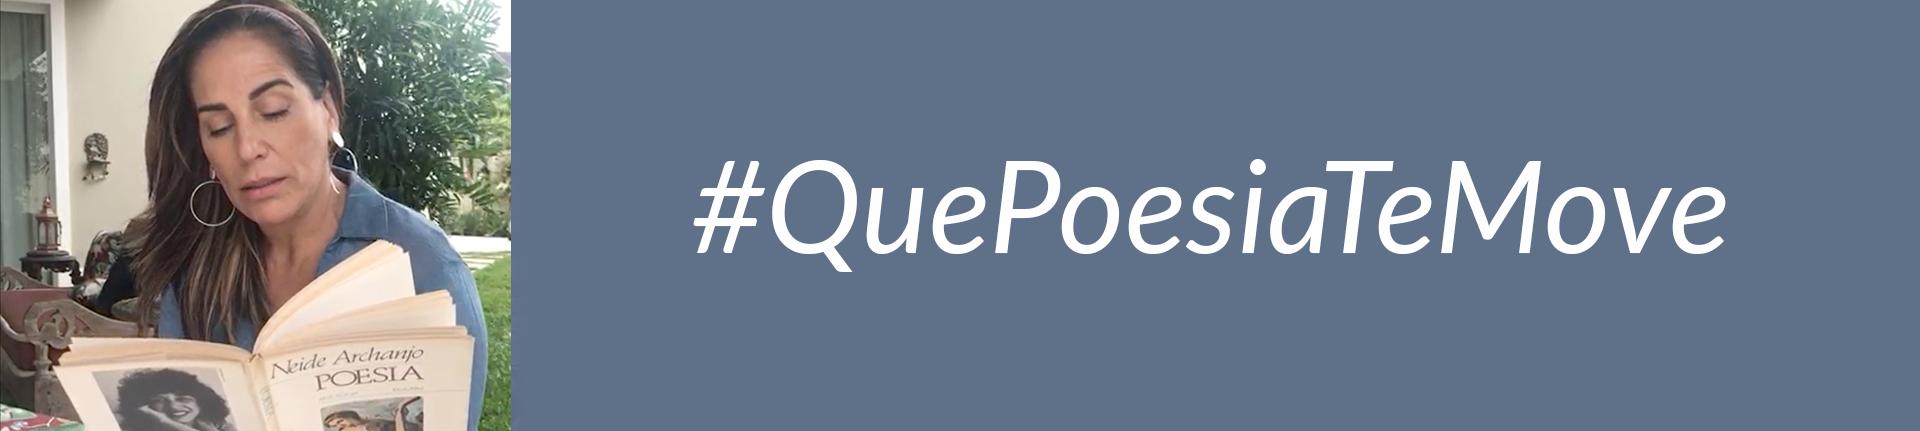 Que poesia te move?